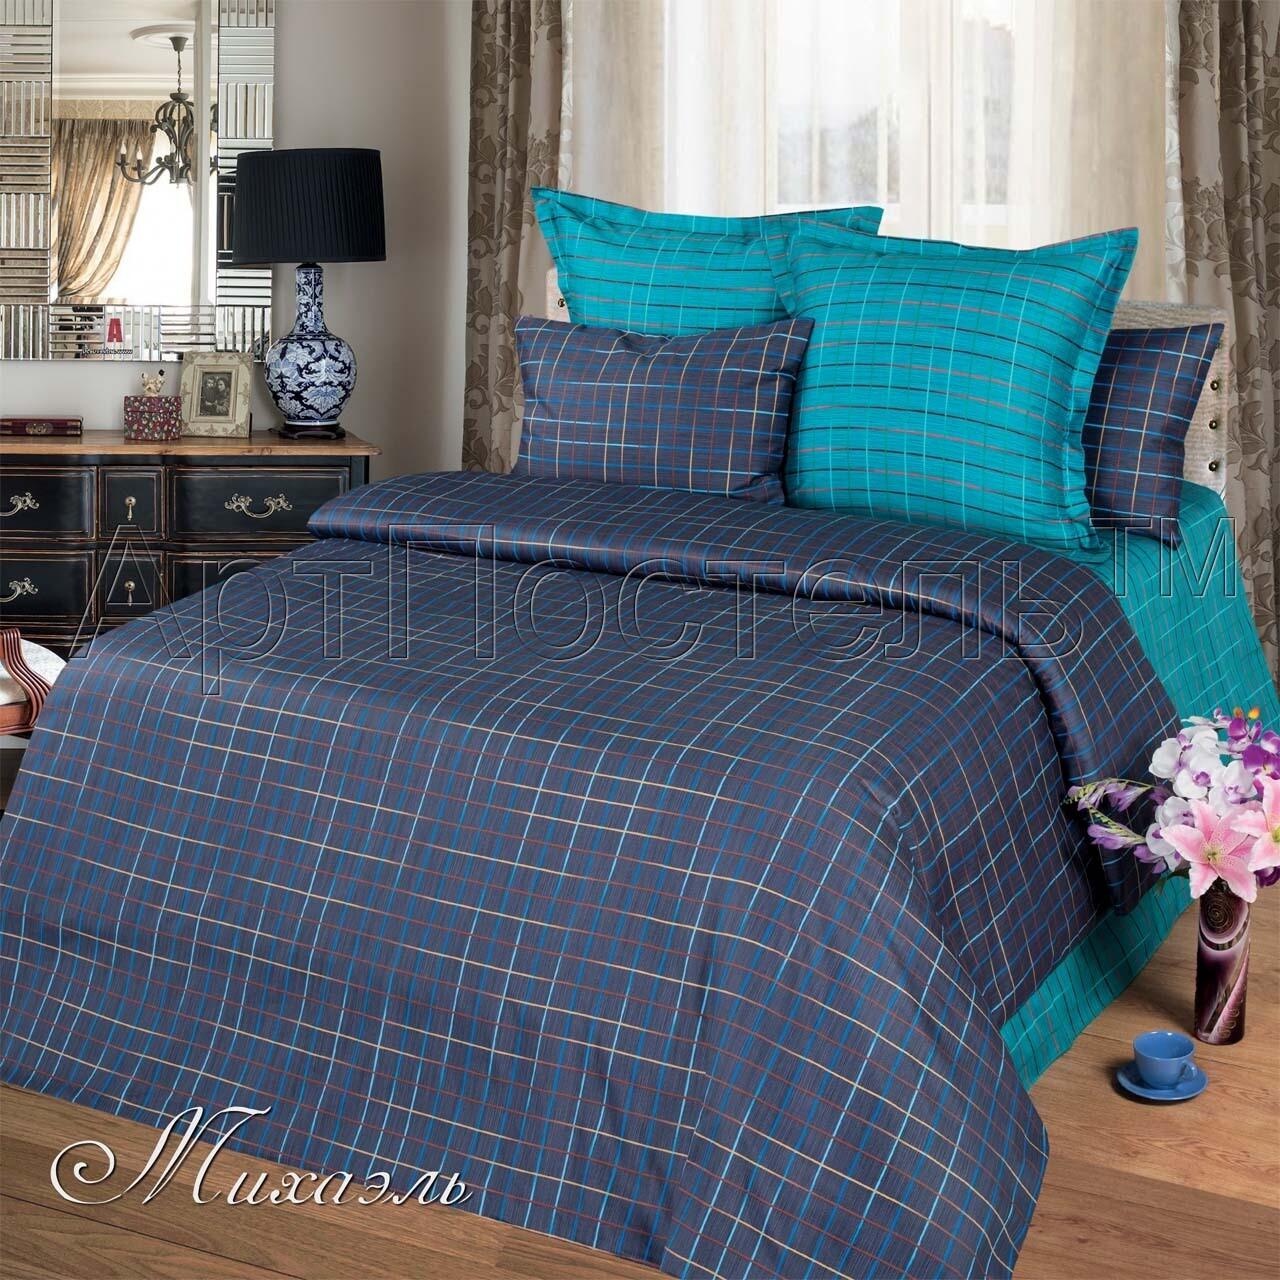 Комплект постельного белья из сатина Михаэль синий